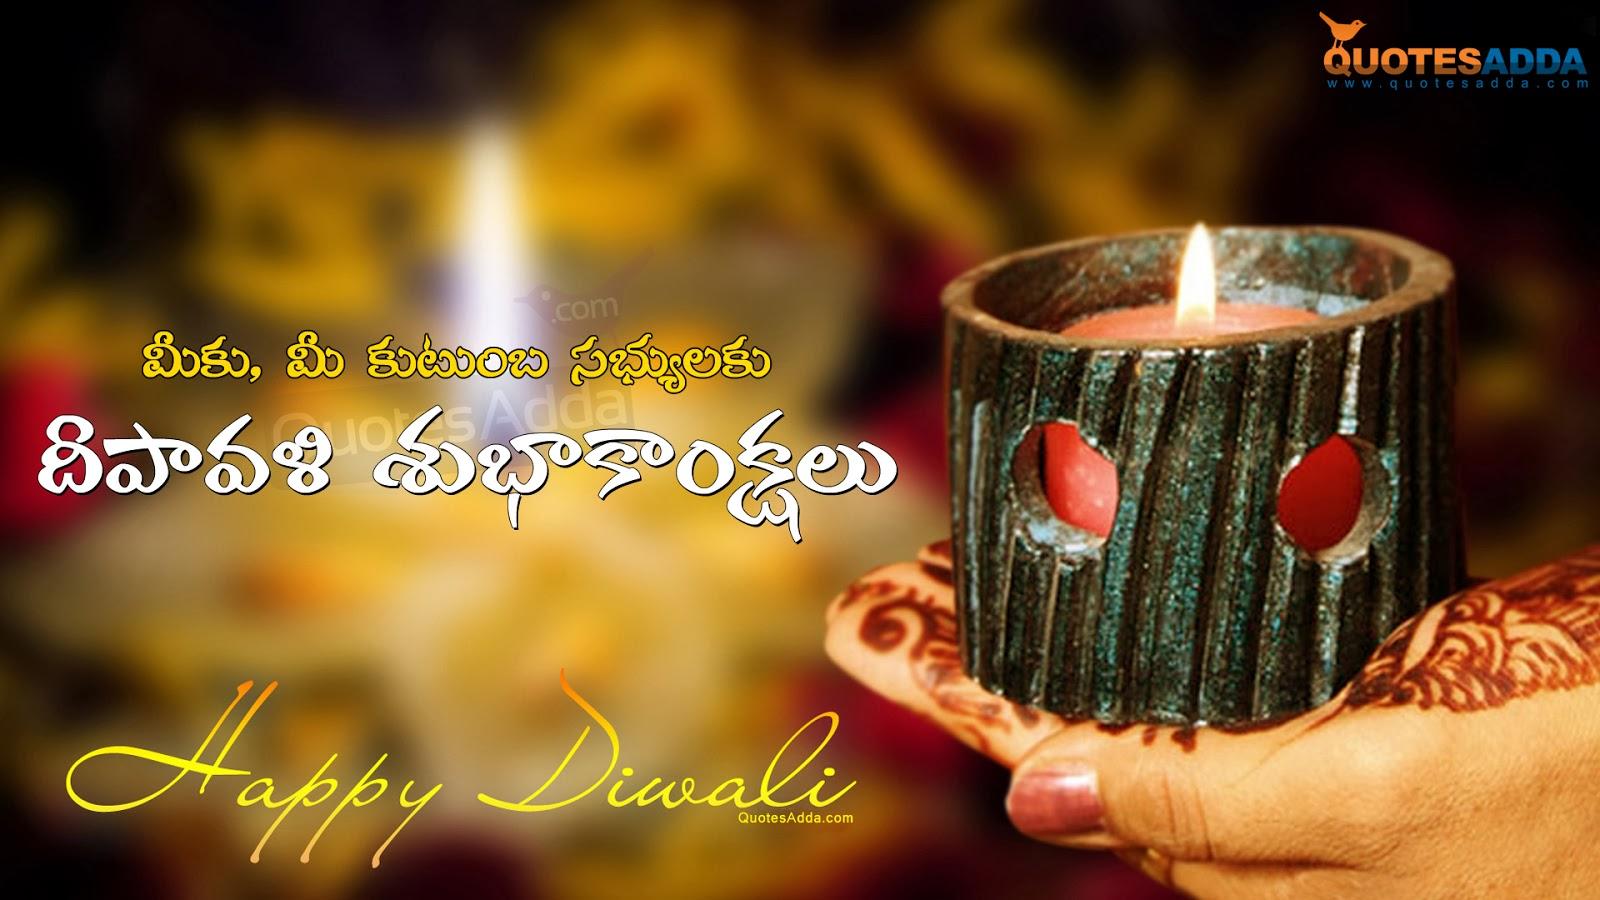 500 happy diwali wishes in telugu 2017 sms msg 500 happy diwali wishes in telugu 2017 sms msg cards quotes kristyandbryce Gallery